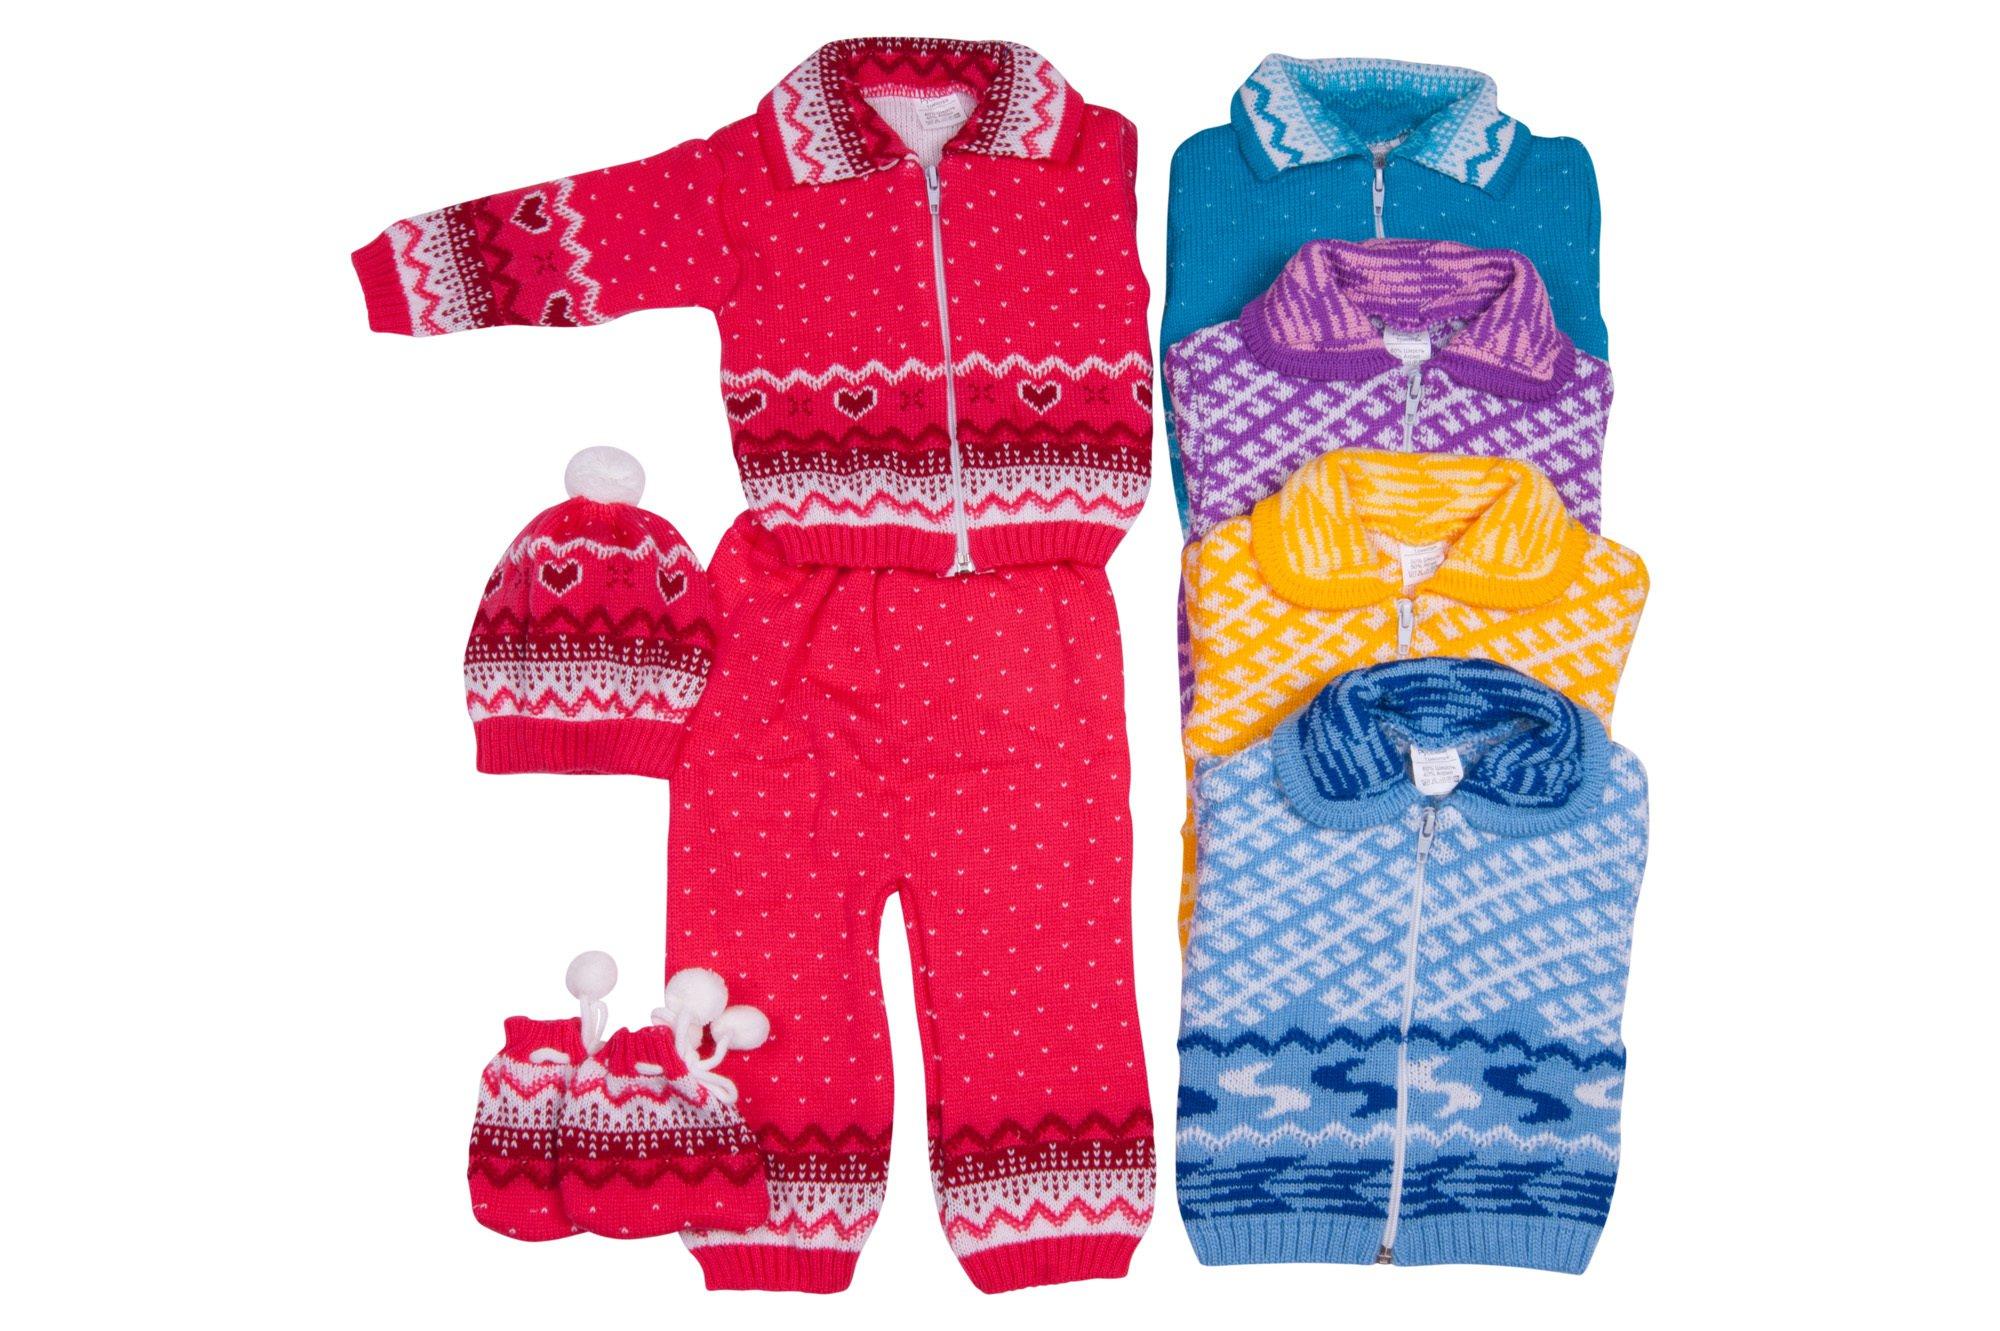 Вязаный костюм для новорожденных Скандинавия